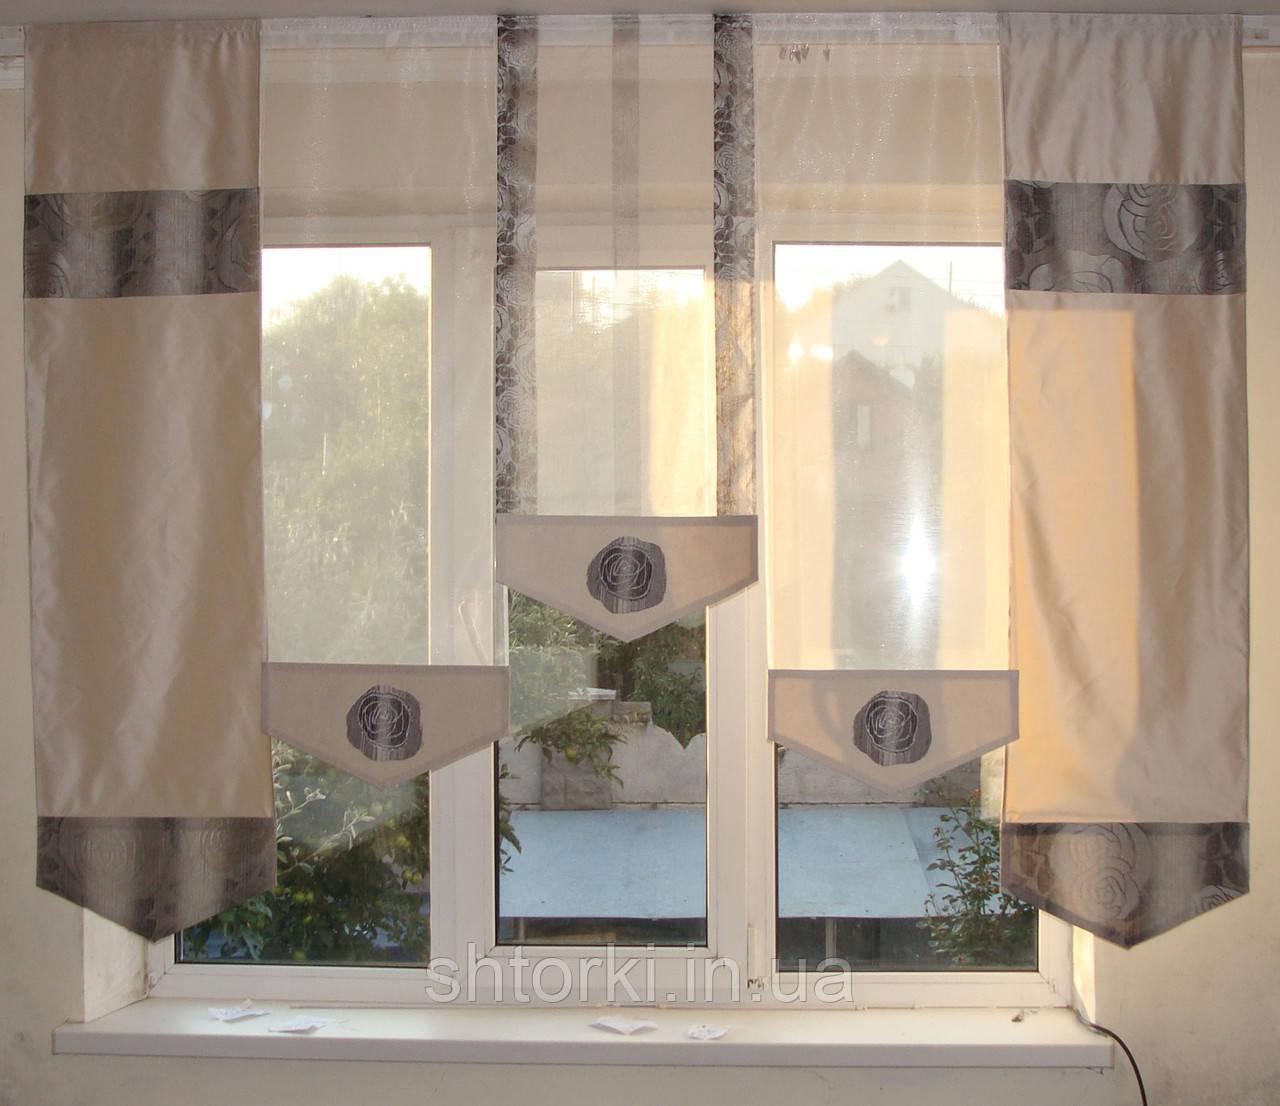 Комплект панельних шторок троянди сірі, 2м